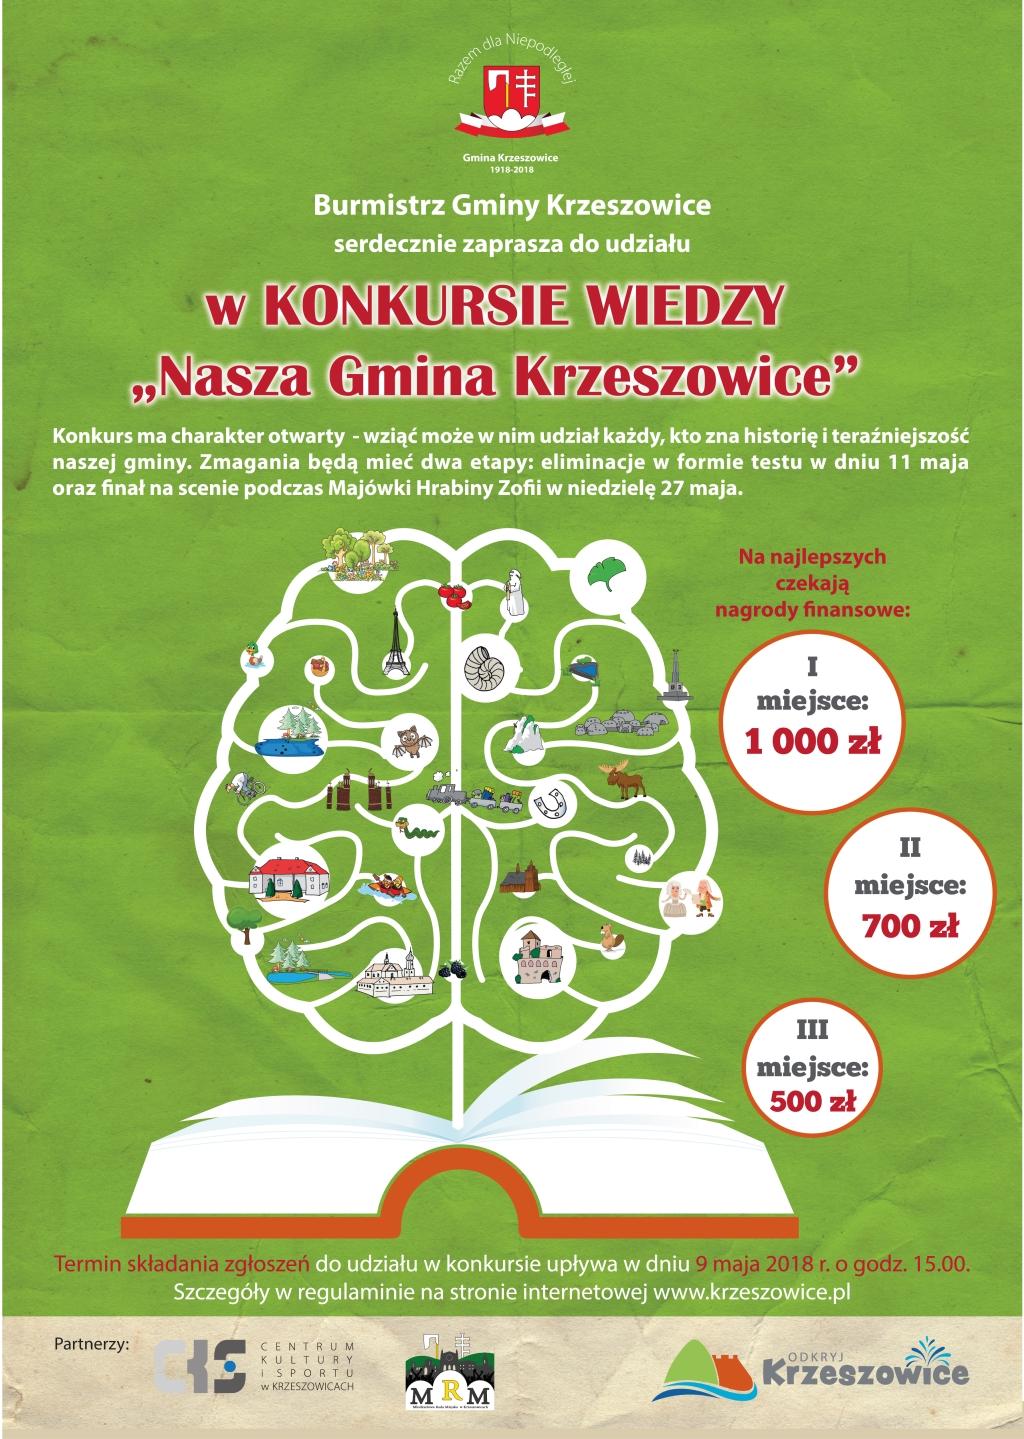 Konkurs wiedzy Nasza Gmina Krzeszowice